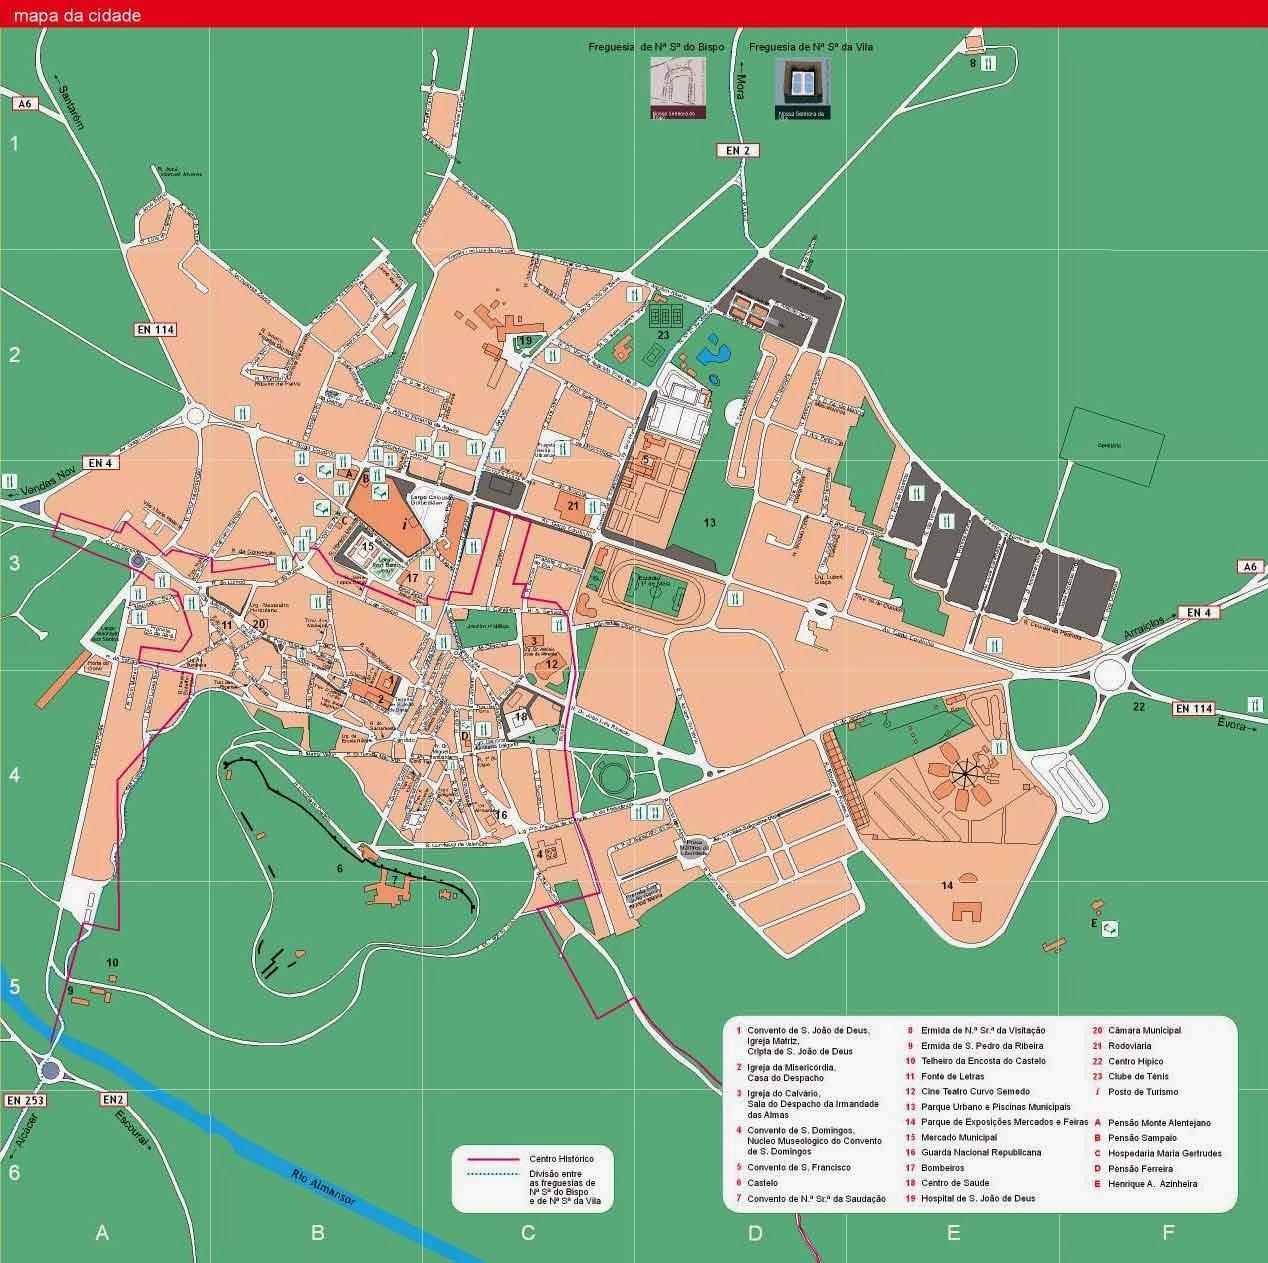 montemor o novo mapa Cabrela  Montemor o Novo: Mapa da cidade e do concelho de Montemor  montemor o novo mapa